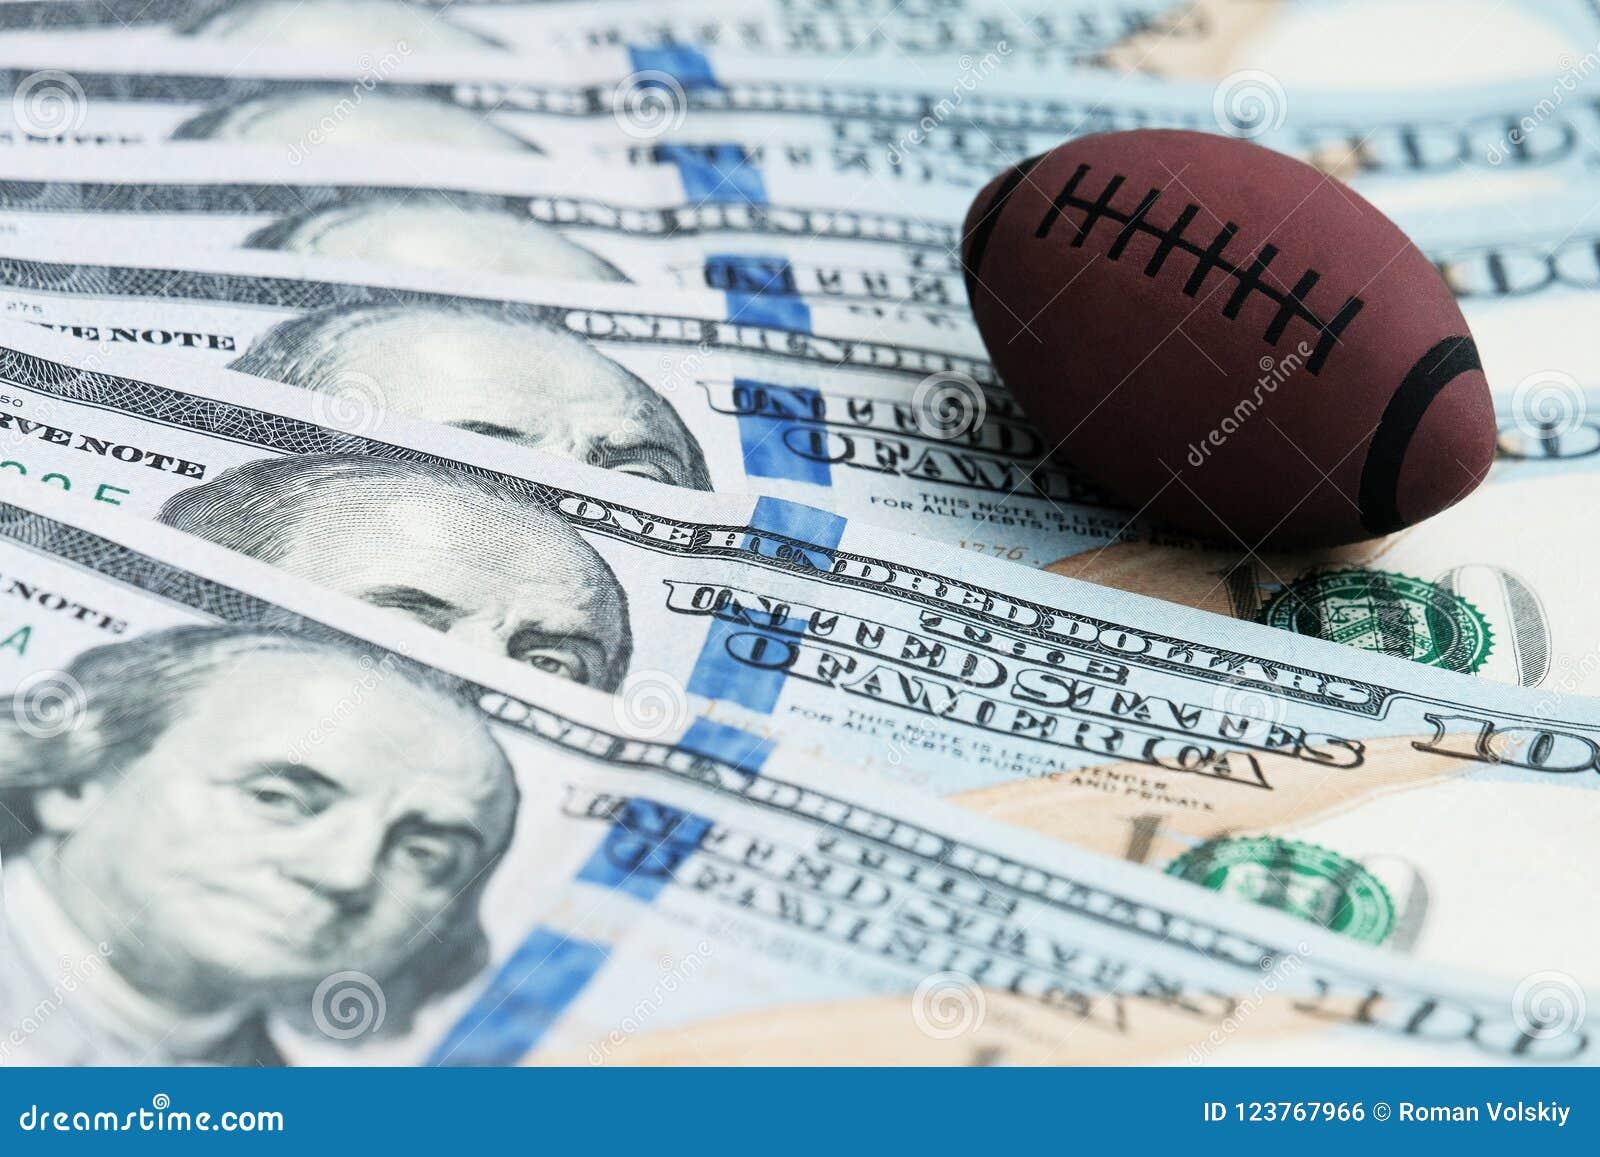 Bola del recuerdo para jugar a rugbi o a fútbol americano en billetes de banco de los E.E.U.U. El concepto de corrupción o de apu